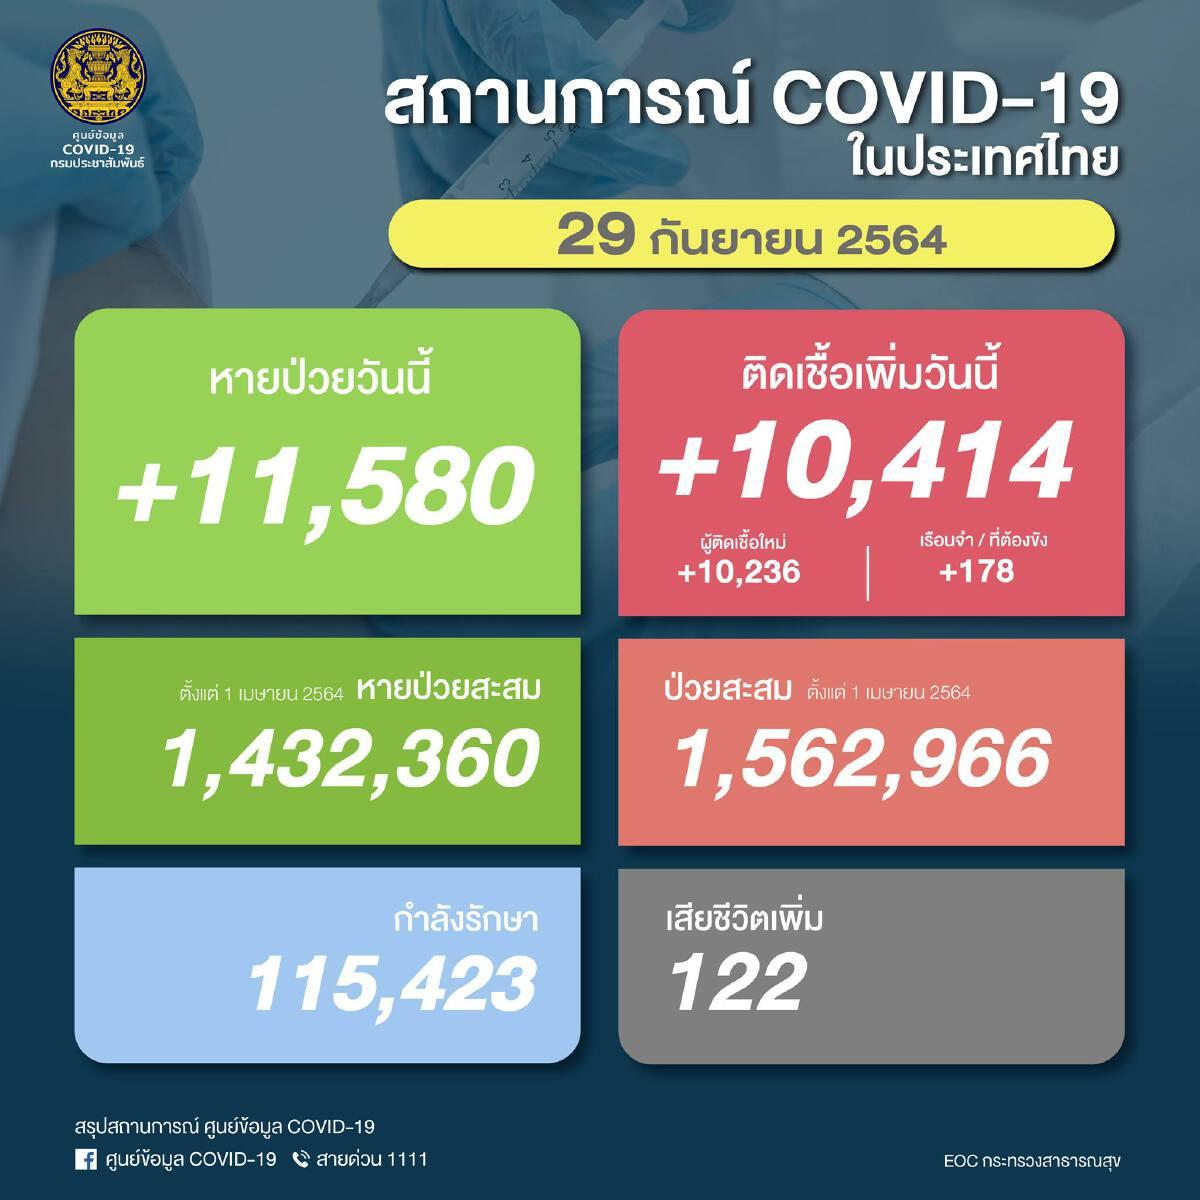 """ด่วน """"โควิดวันนี้"""" กลับมาพุ่ง พบผู้ติดเชื้อใหม่ 10,414 ราย เสียชีวิตเพิ่ม 122"""